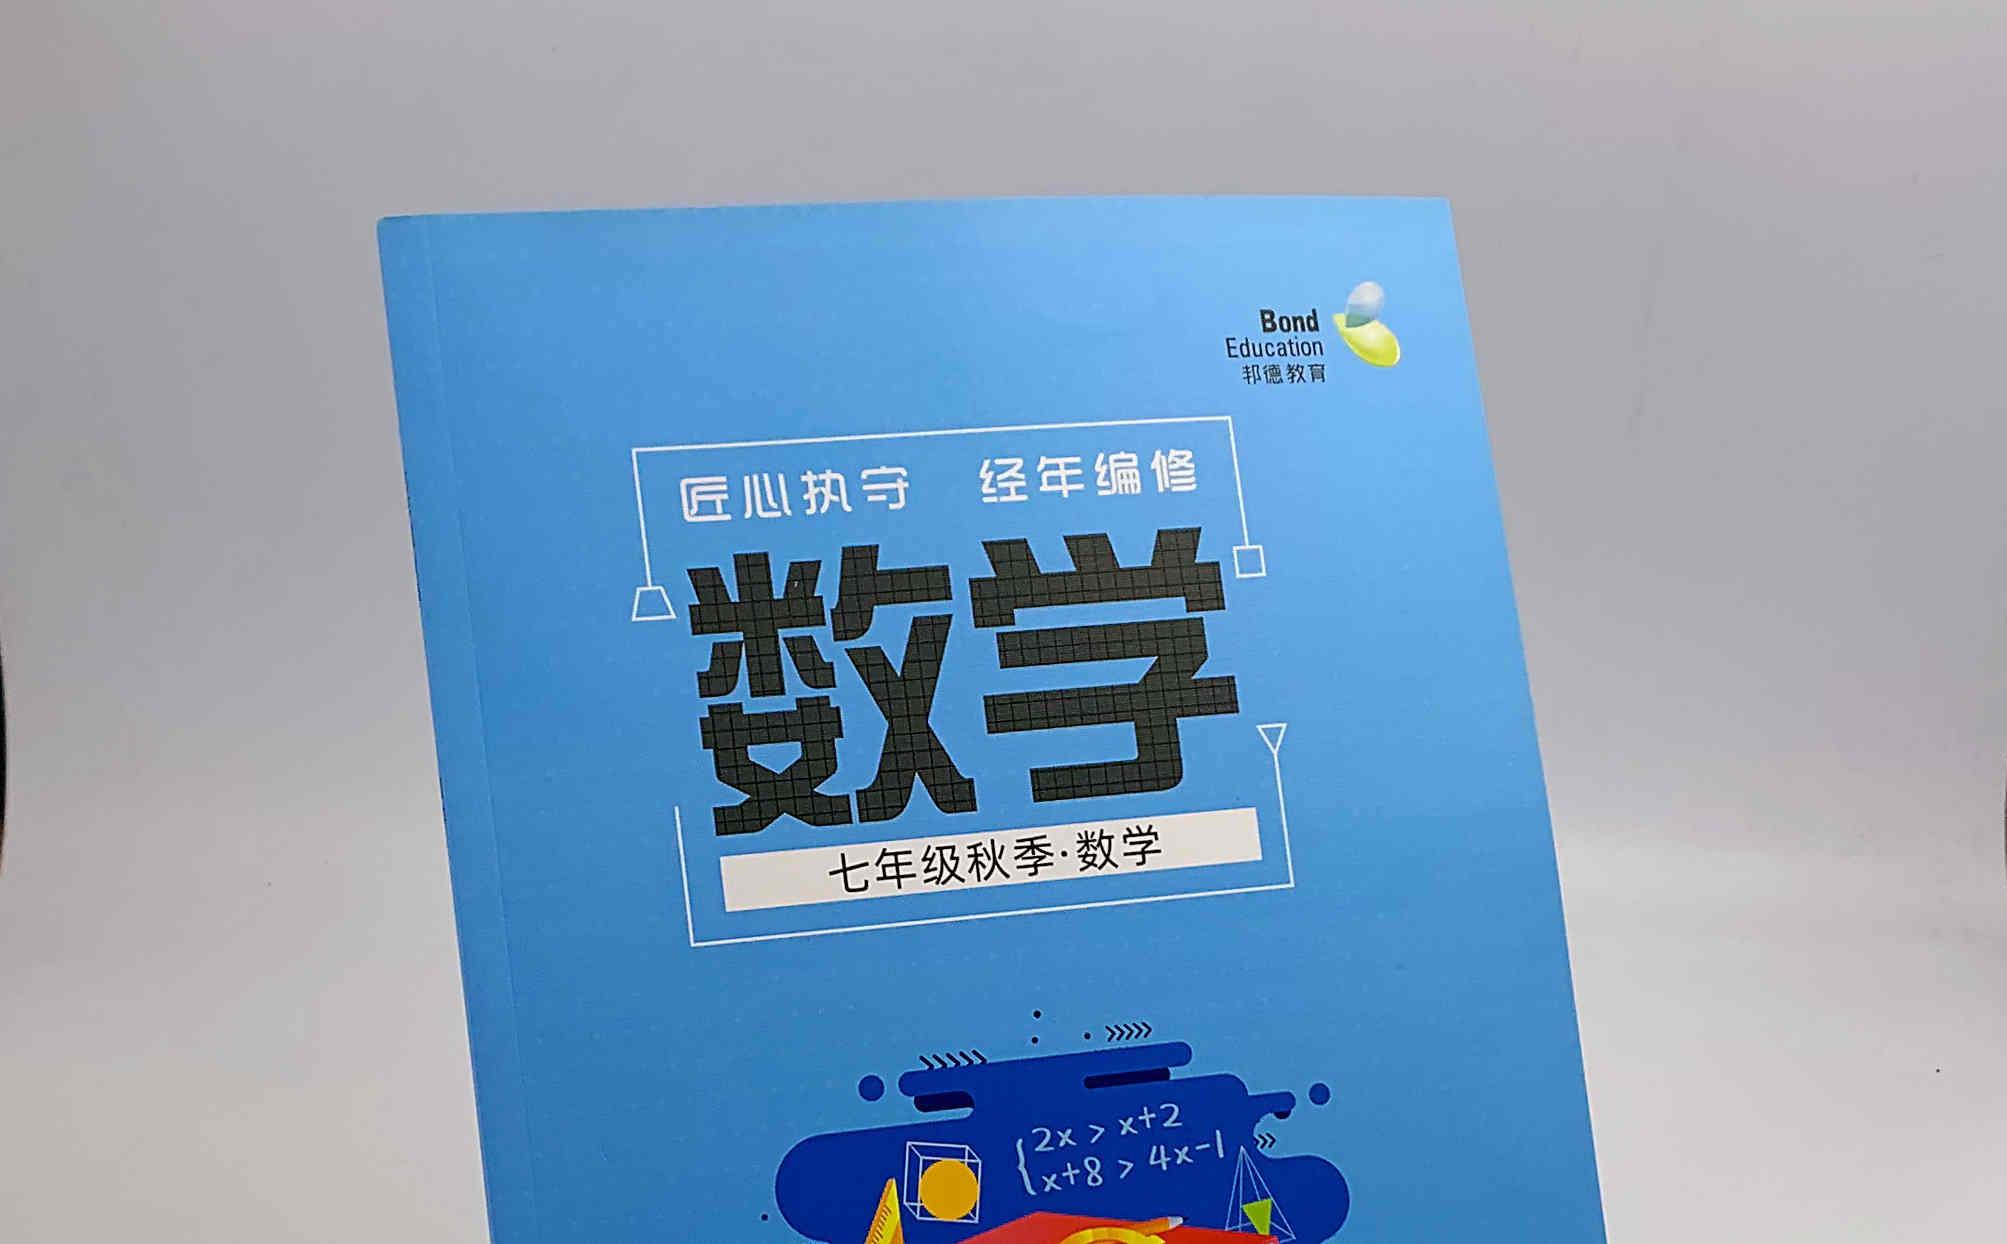 深圳教材印刷廠,深圳教材印刷